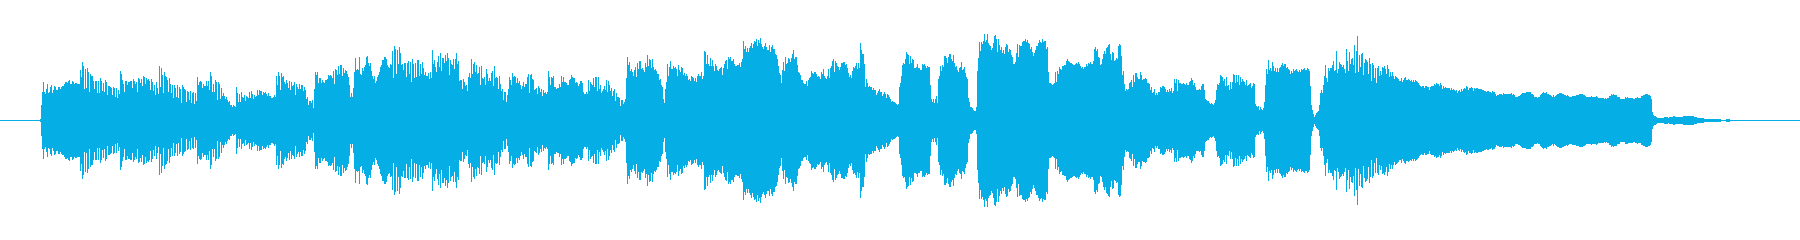 ほのぼのとしたノスタルジックな曲の再生済みの波形